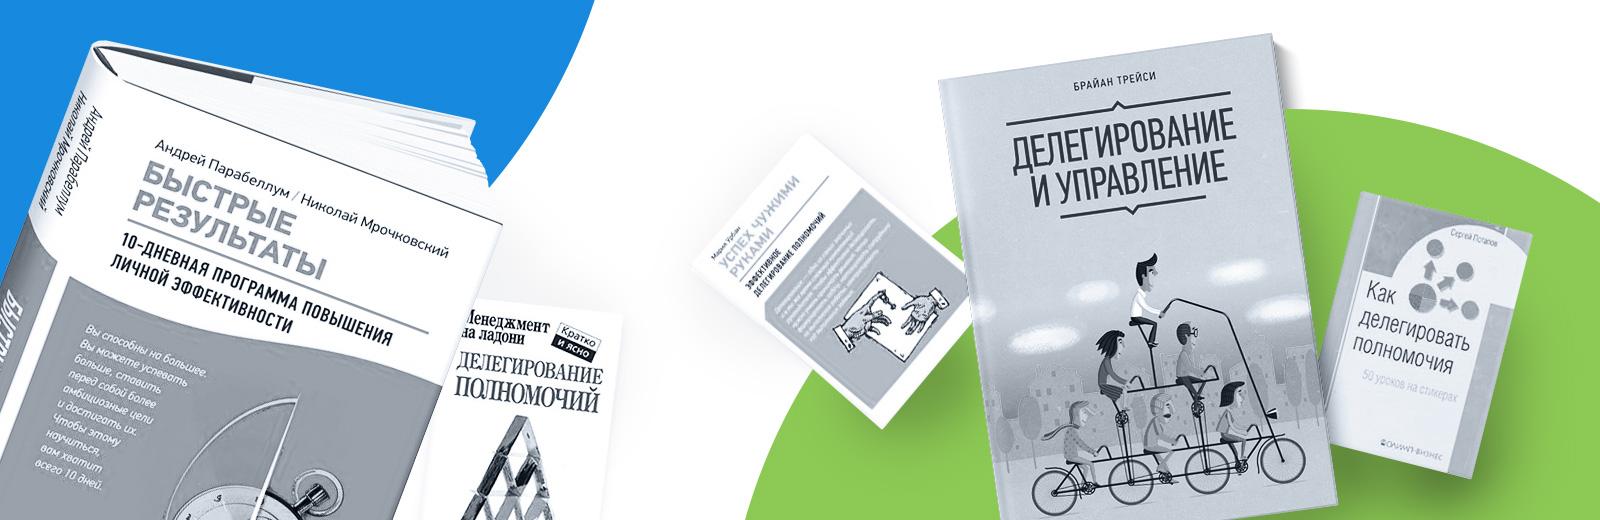 5 полезных книг по делегированию полномочий